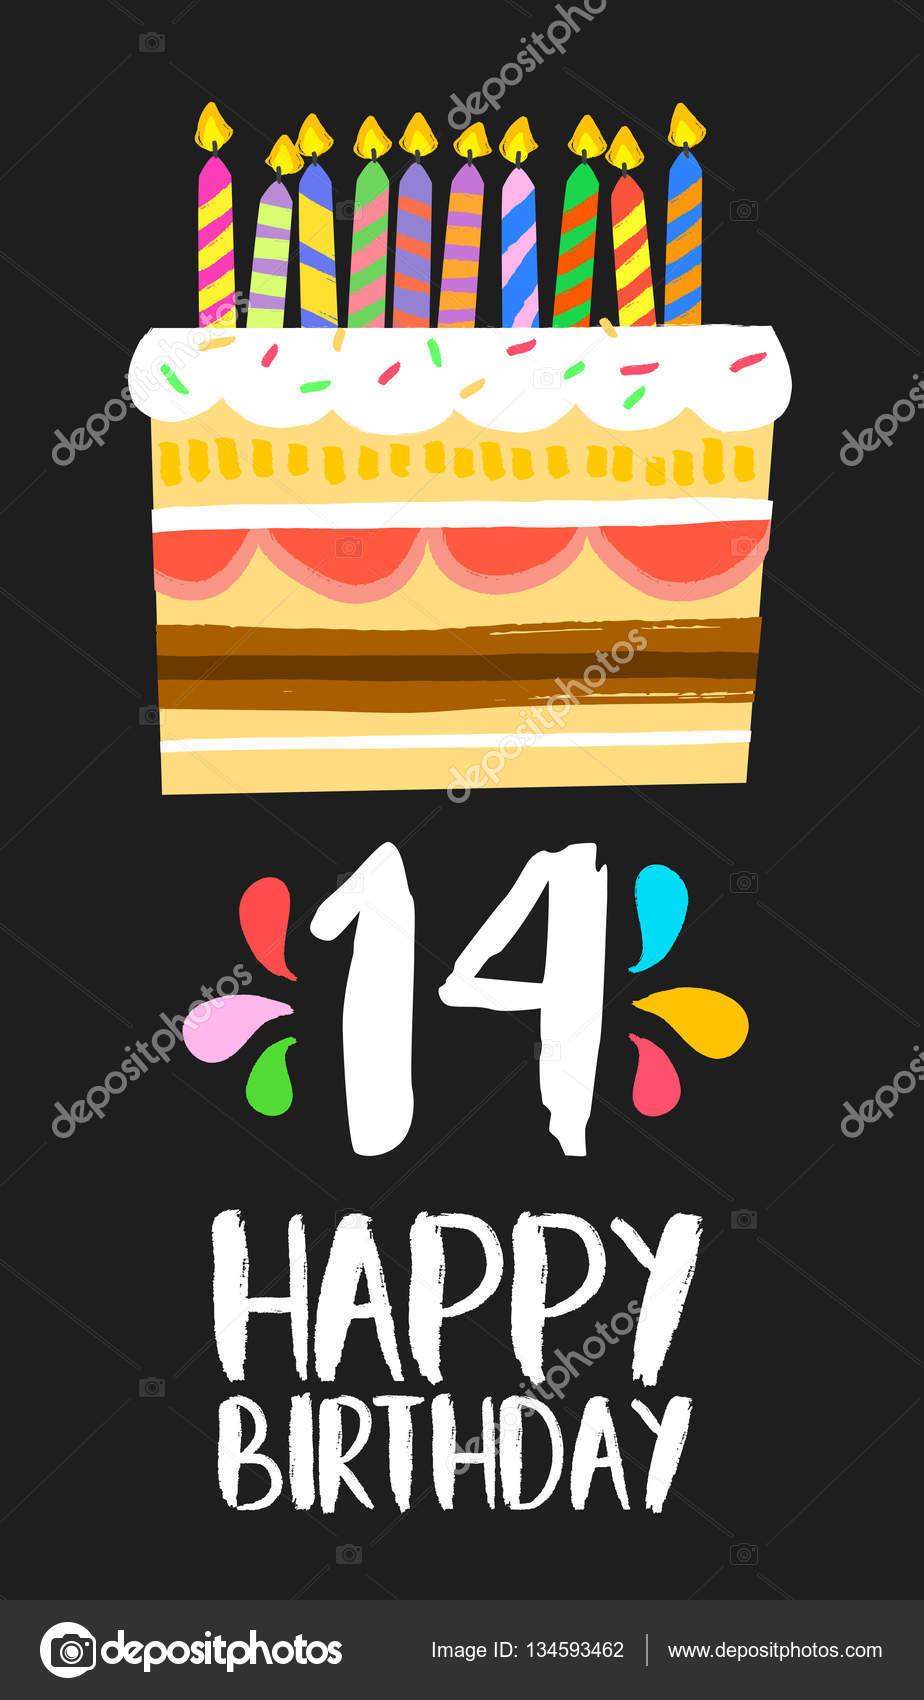 grattis på 14 årsdagen Happy Birthday cake kort 14 fjorton år party — Stock Vektor  grattis på 14 årsdagen